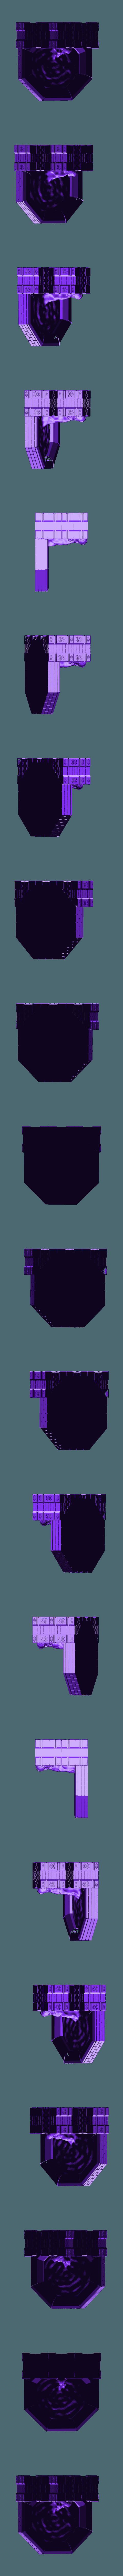 DwarvenFountain.stl Download free STL file ScatterBlocks: Dwarven Fountain (28mm/Heroic scale) • 3D print object, Dutchmogul